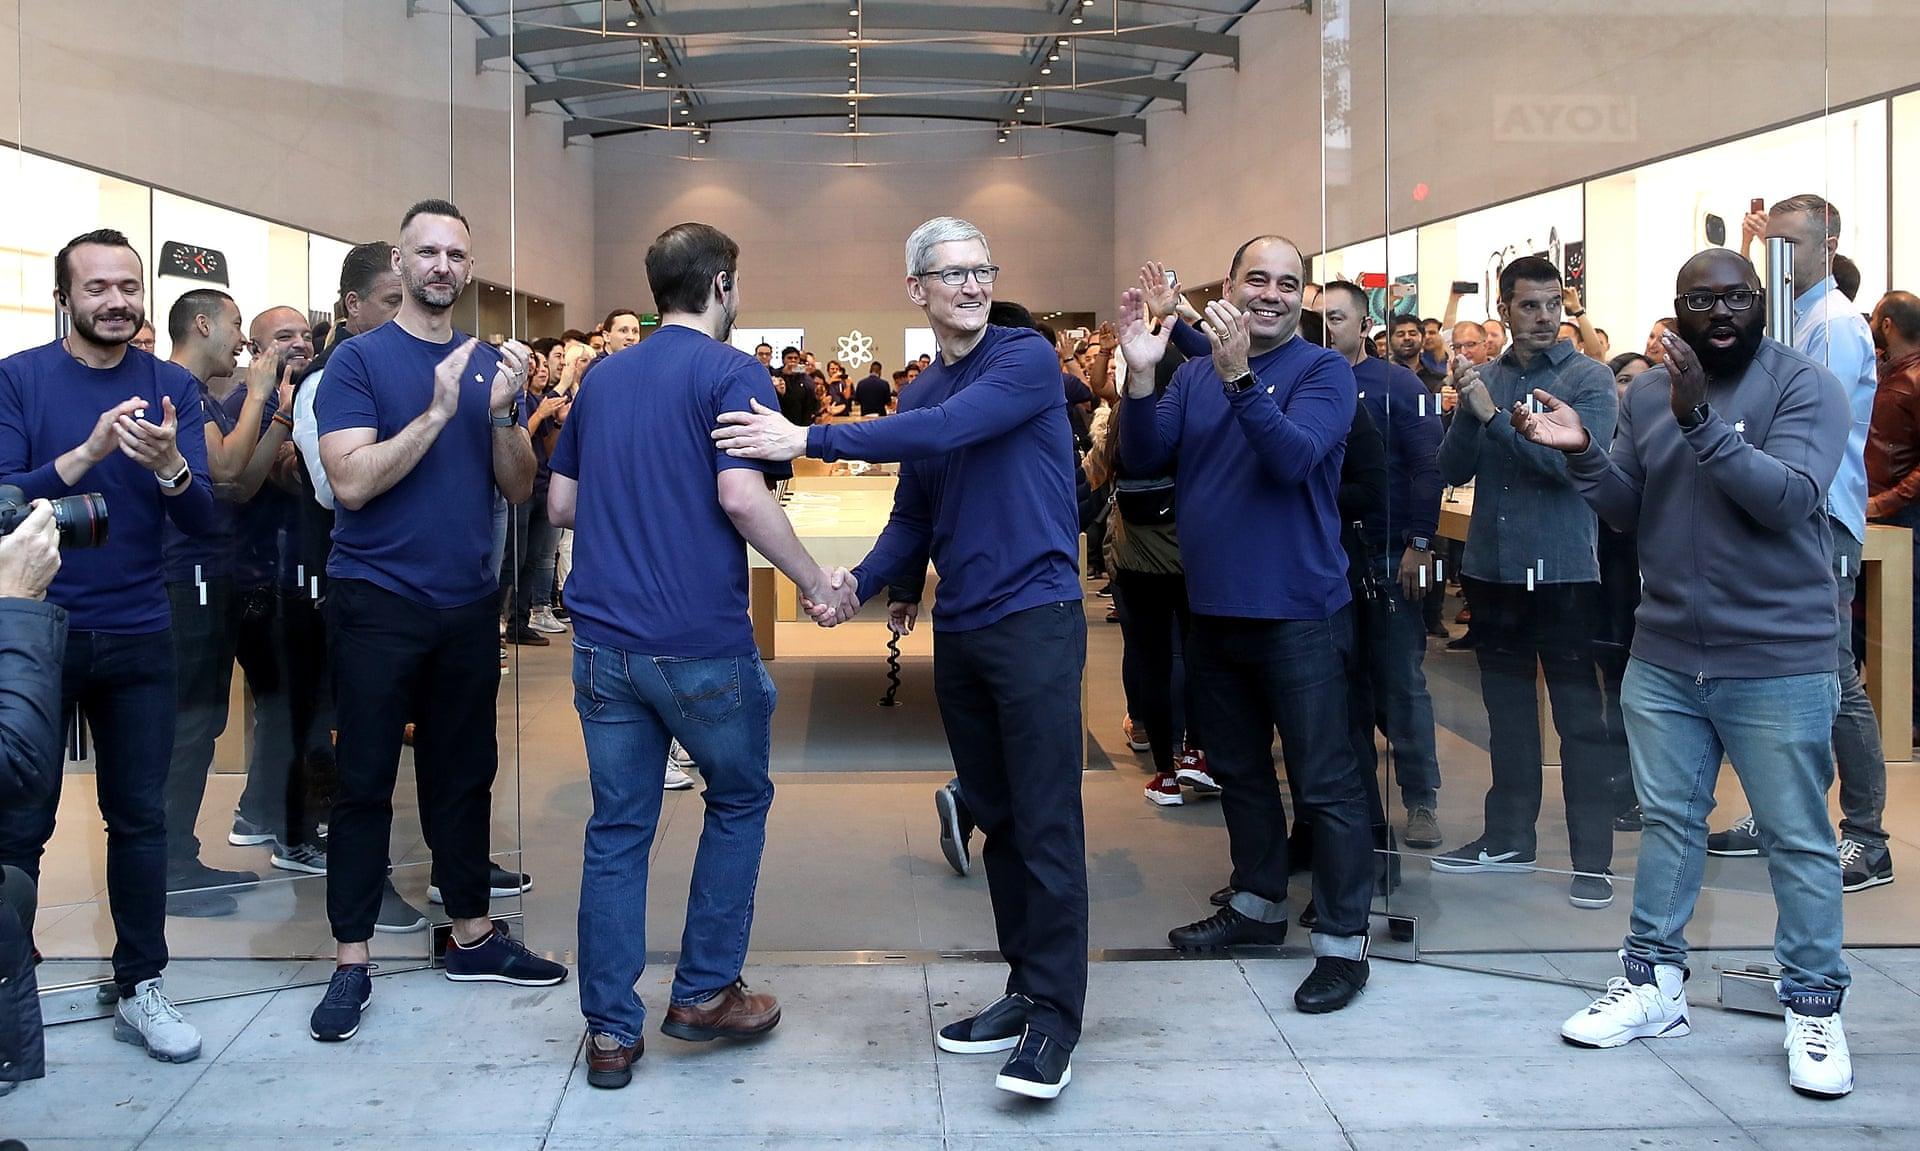 Аплодисменты и одобрительные возгласы: тщательно управляемая драма в магазинах Apple - 2